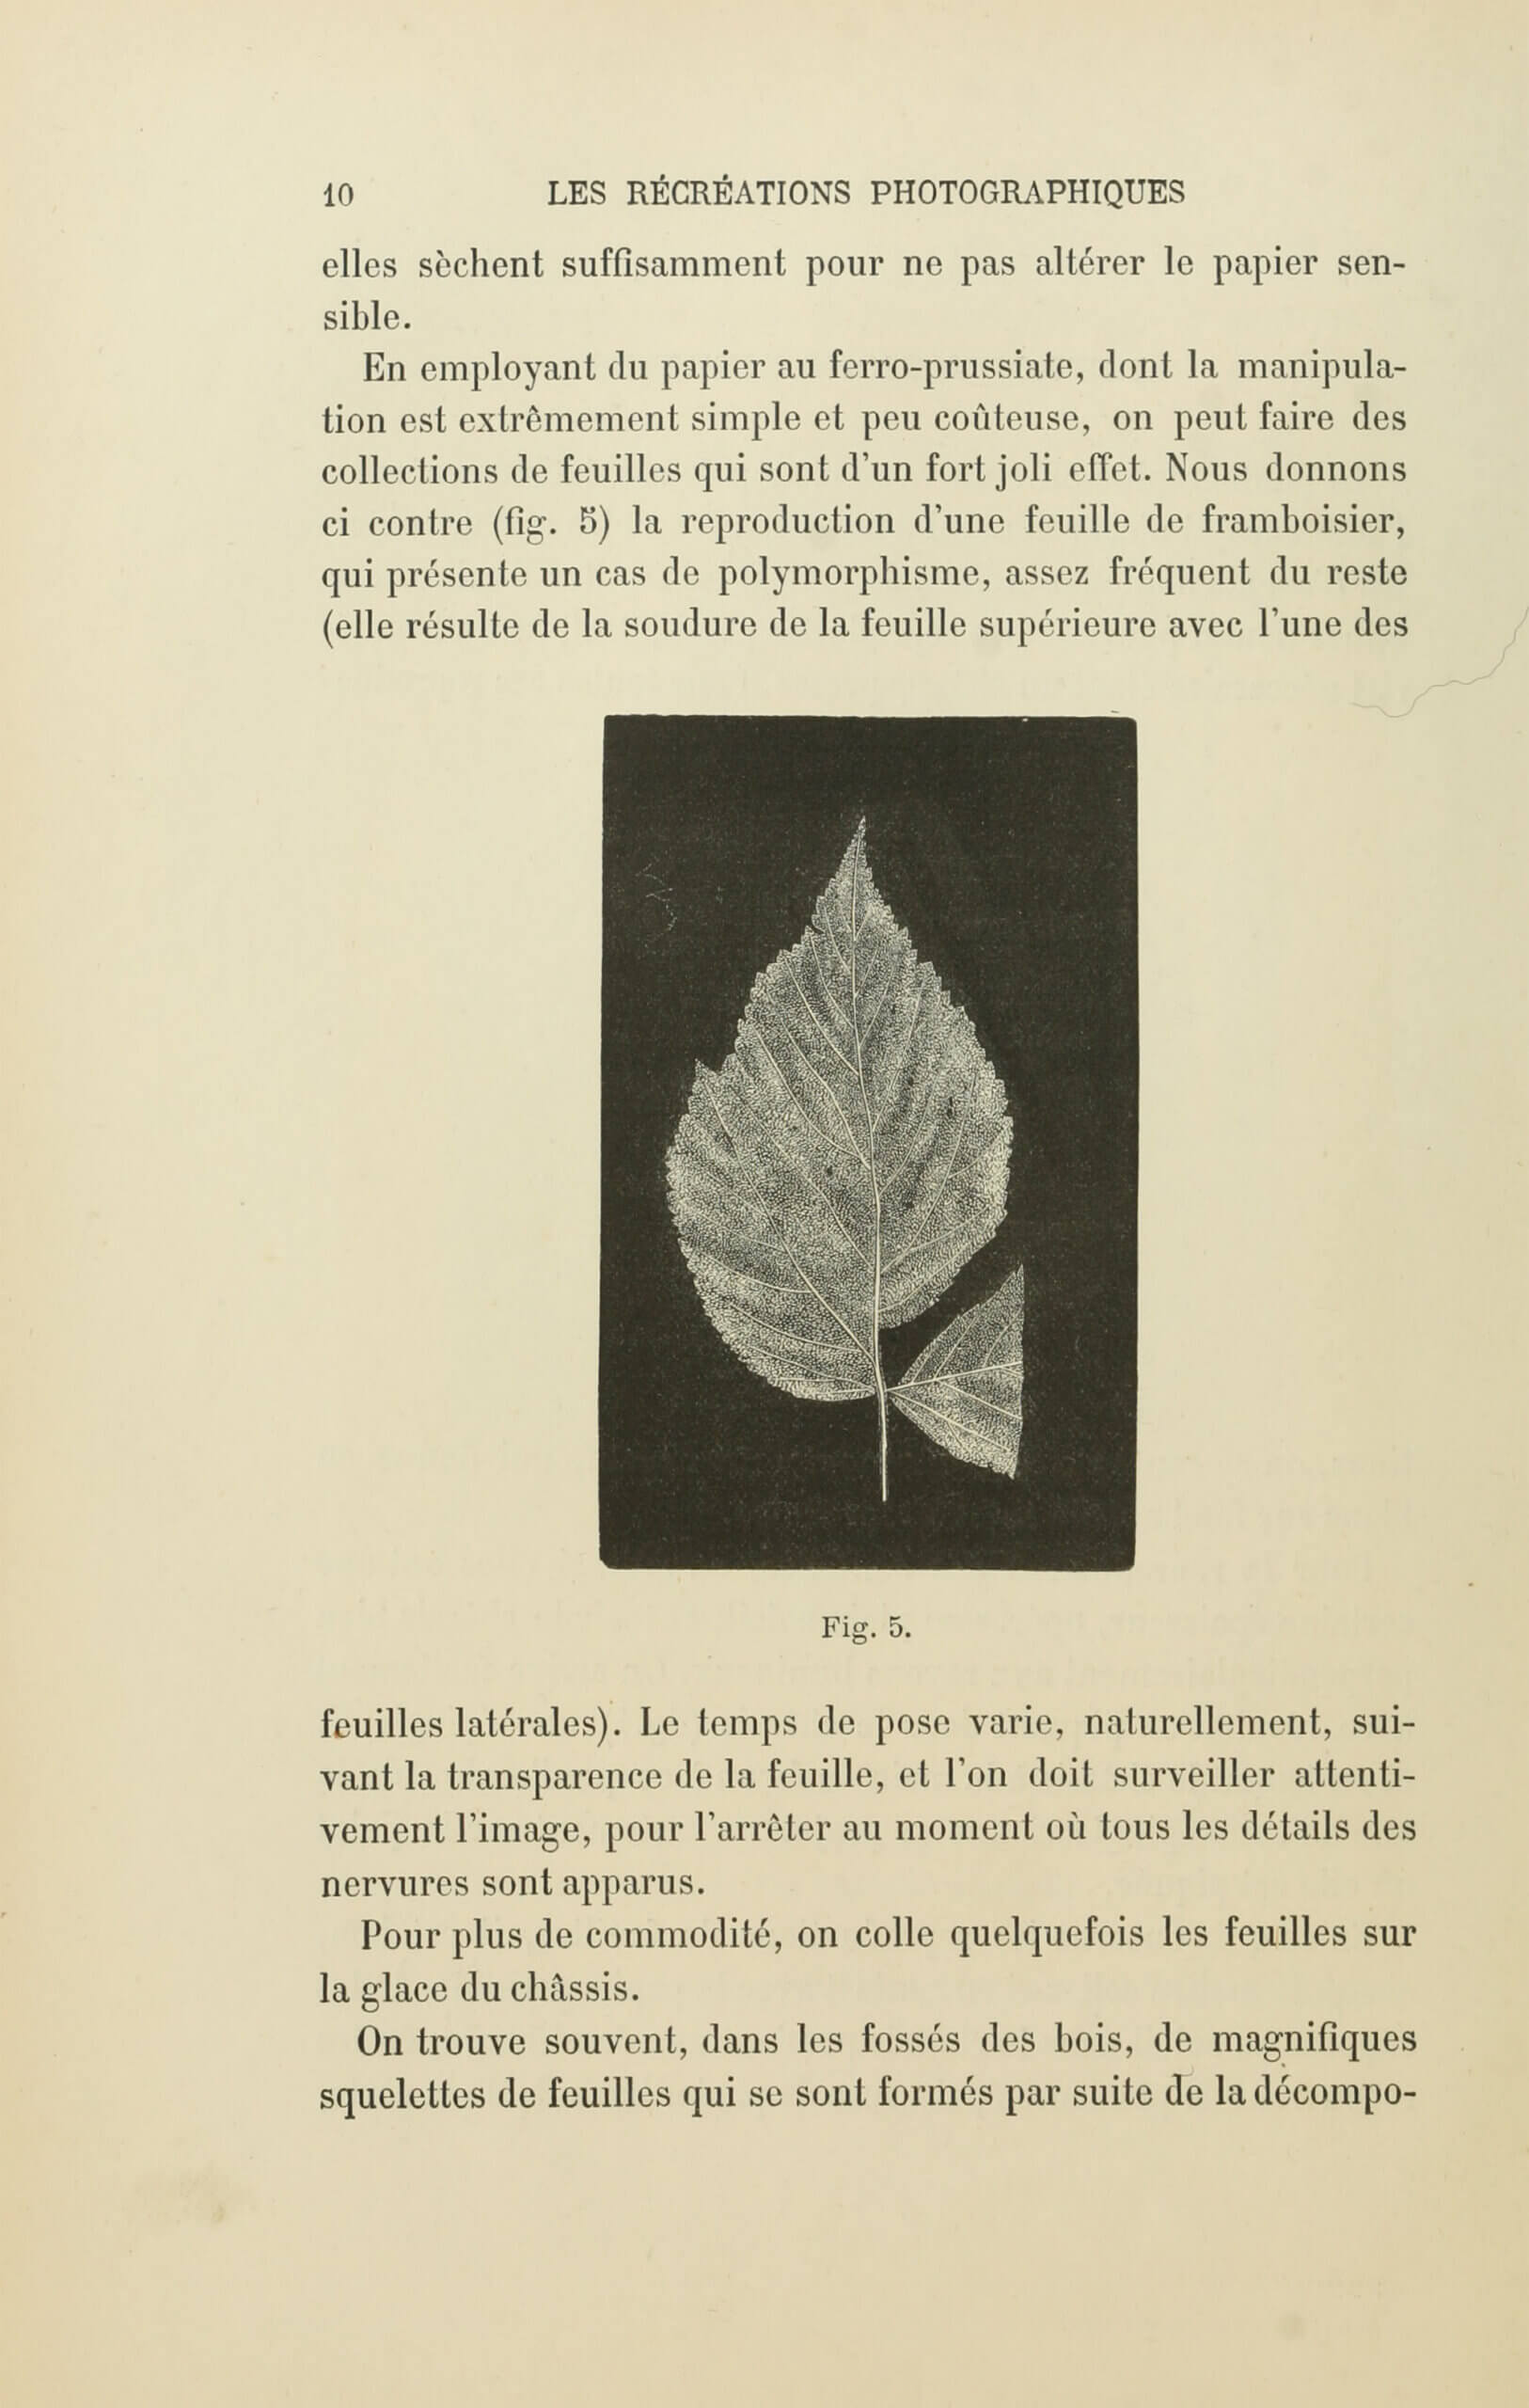 Albert Bergeret et Félix Drouin, «Reproductions directes». <em>Les Récréations photographiques</em>, Paris, Charles Mendel, 1891, p. 10 (Boston Public Library)